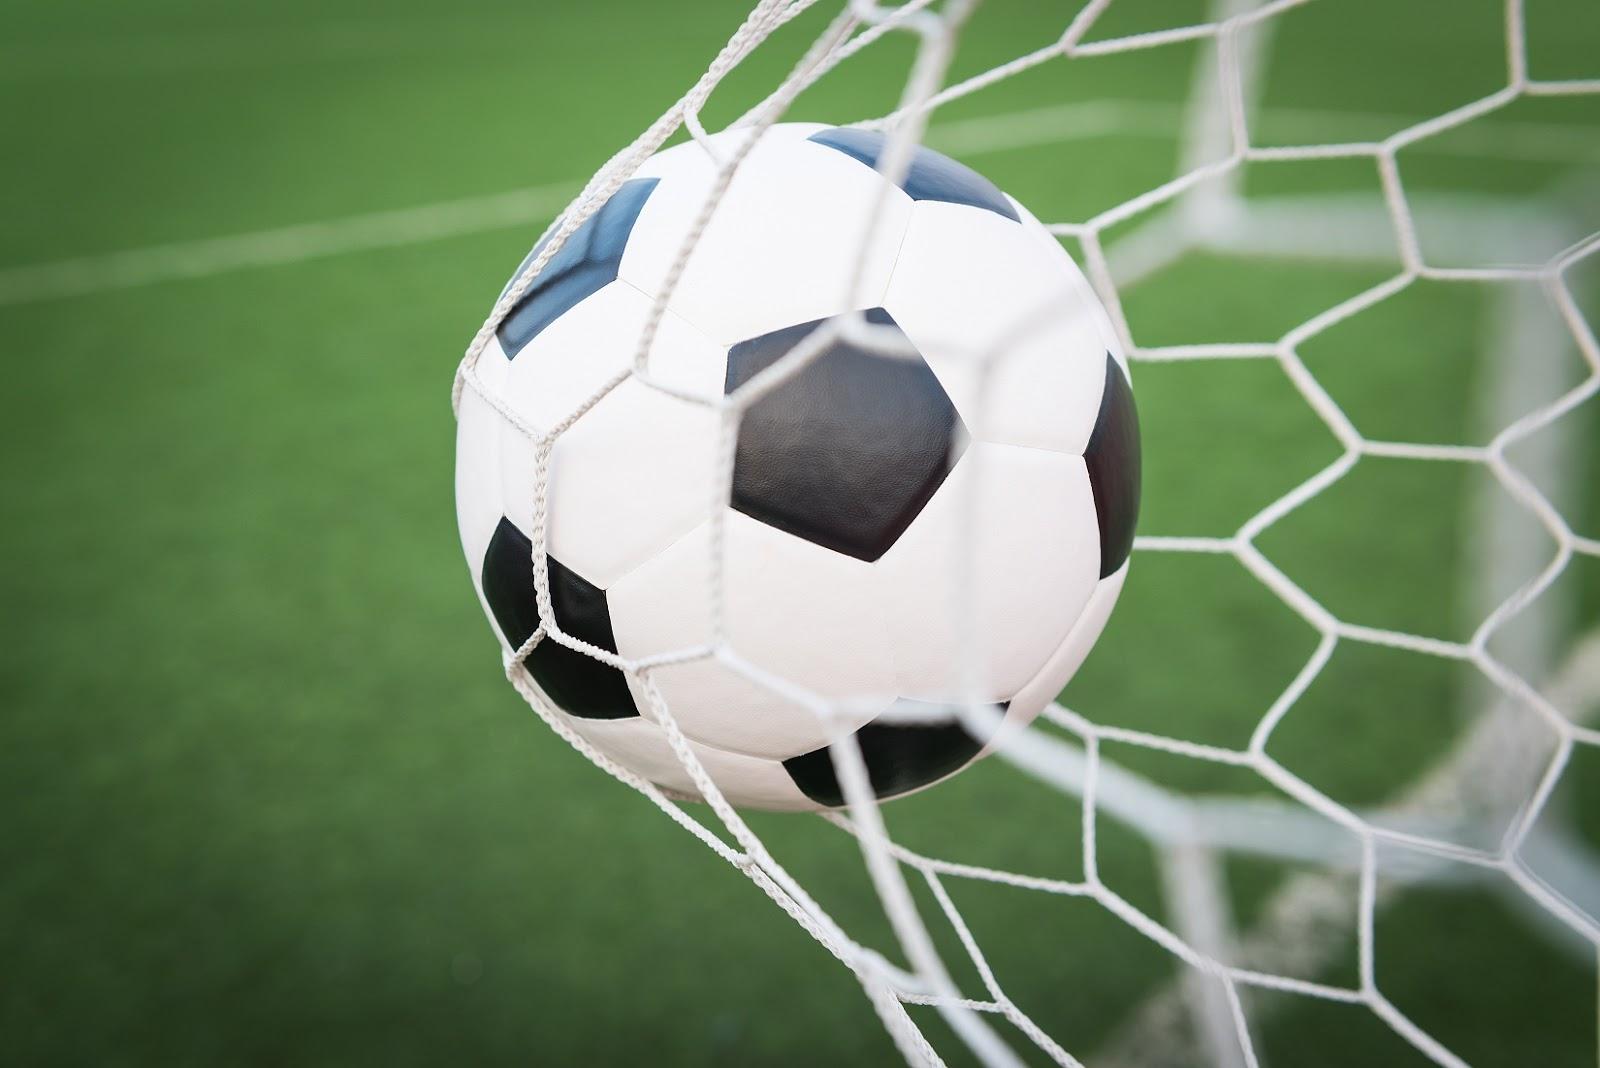 Confira os jogos do campeonato de futebol de campo de Ijuí